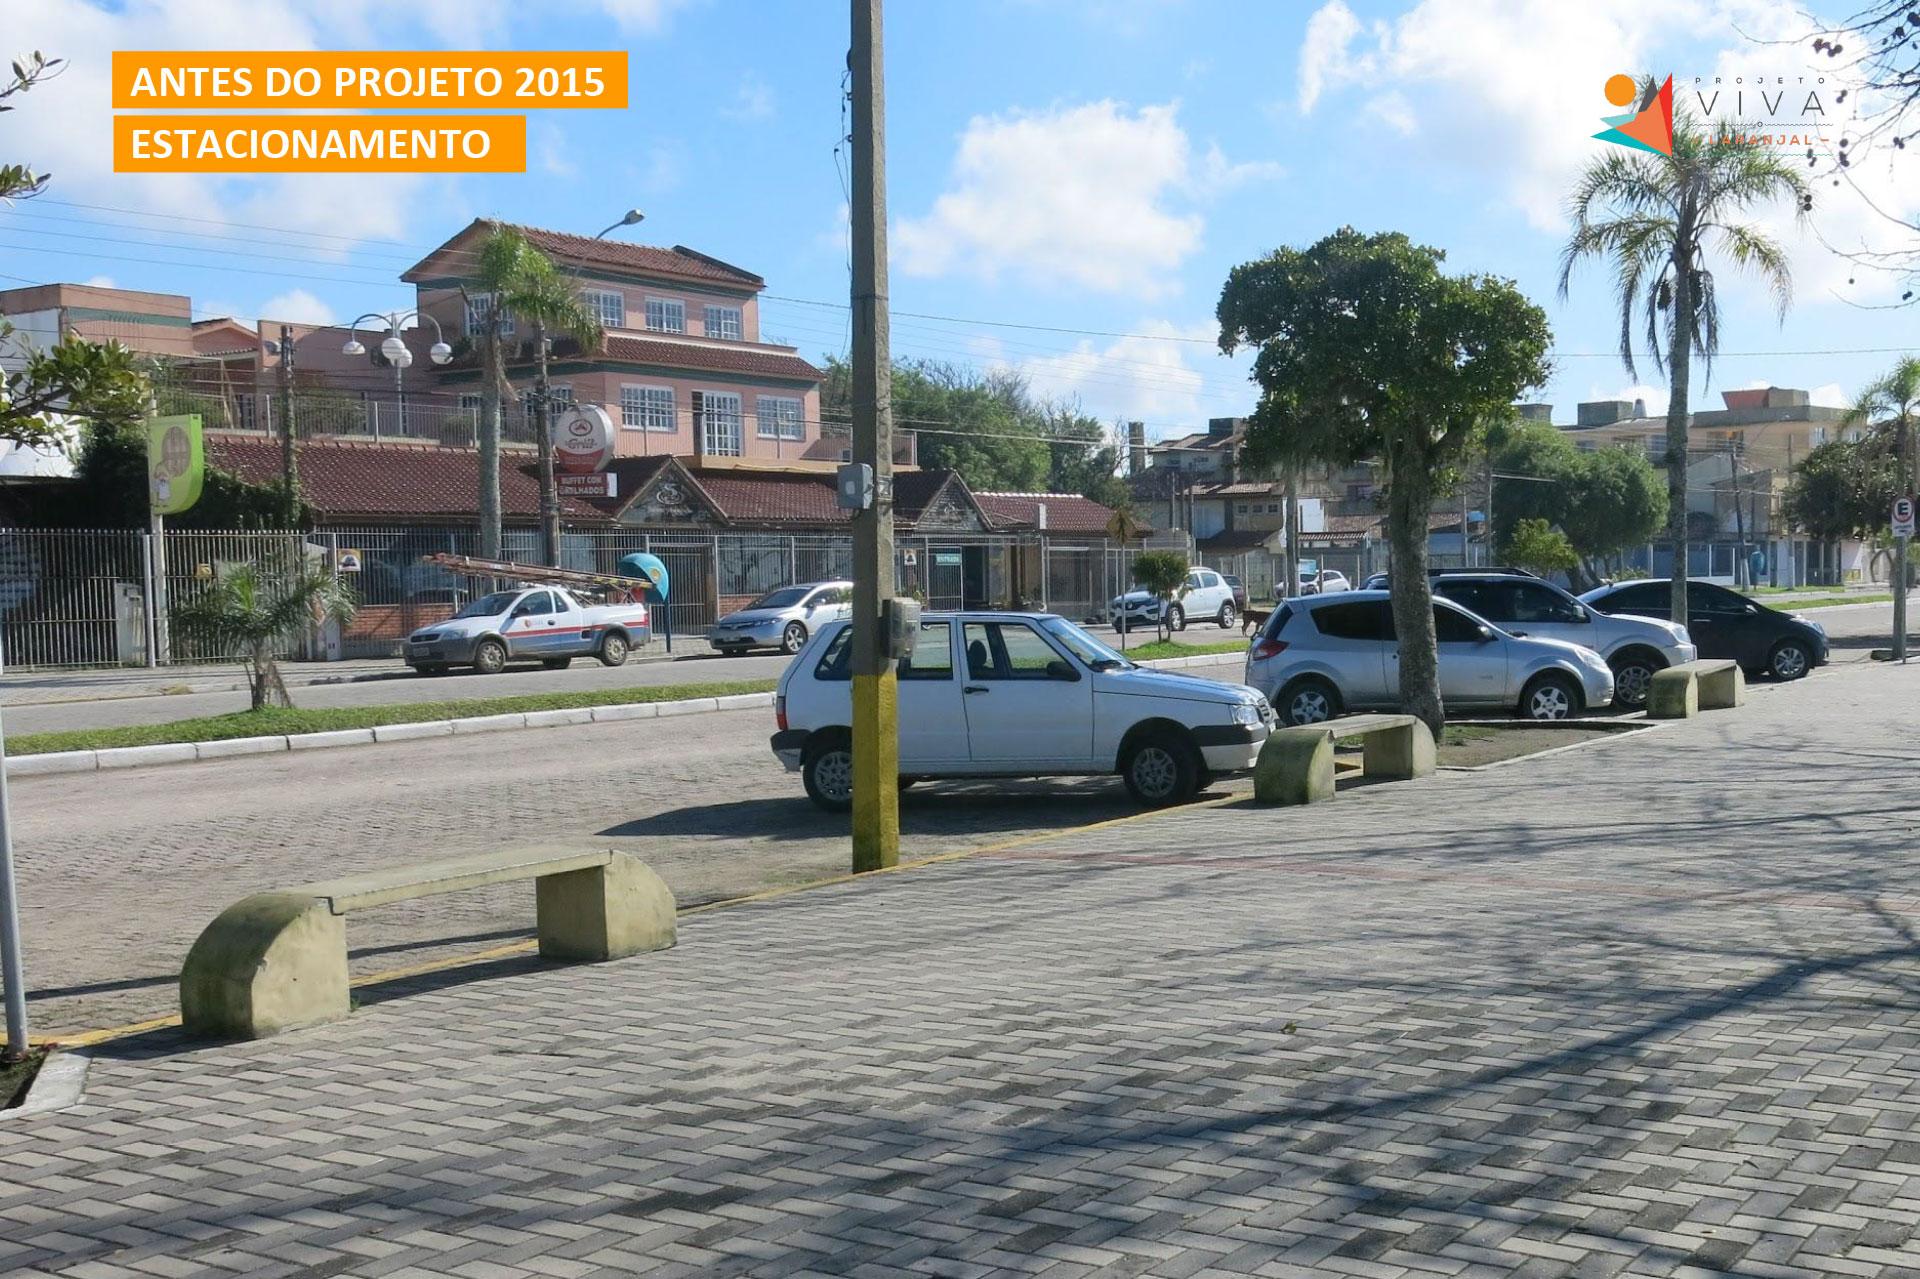 Projeto Viva o Laranjal: Transformando uma região com o design de serviços públicos